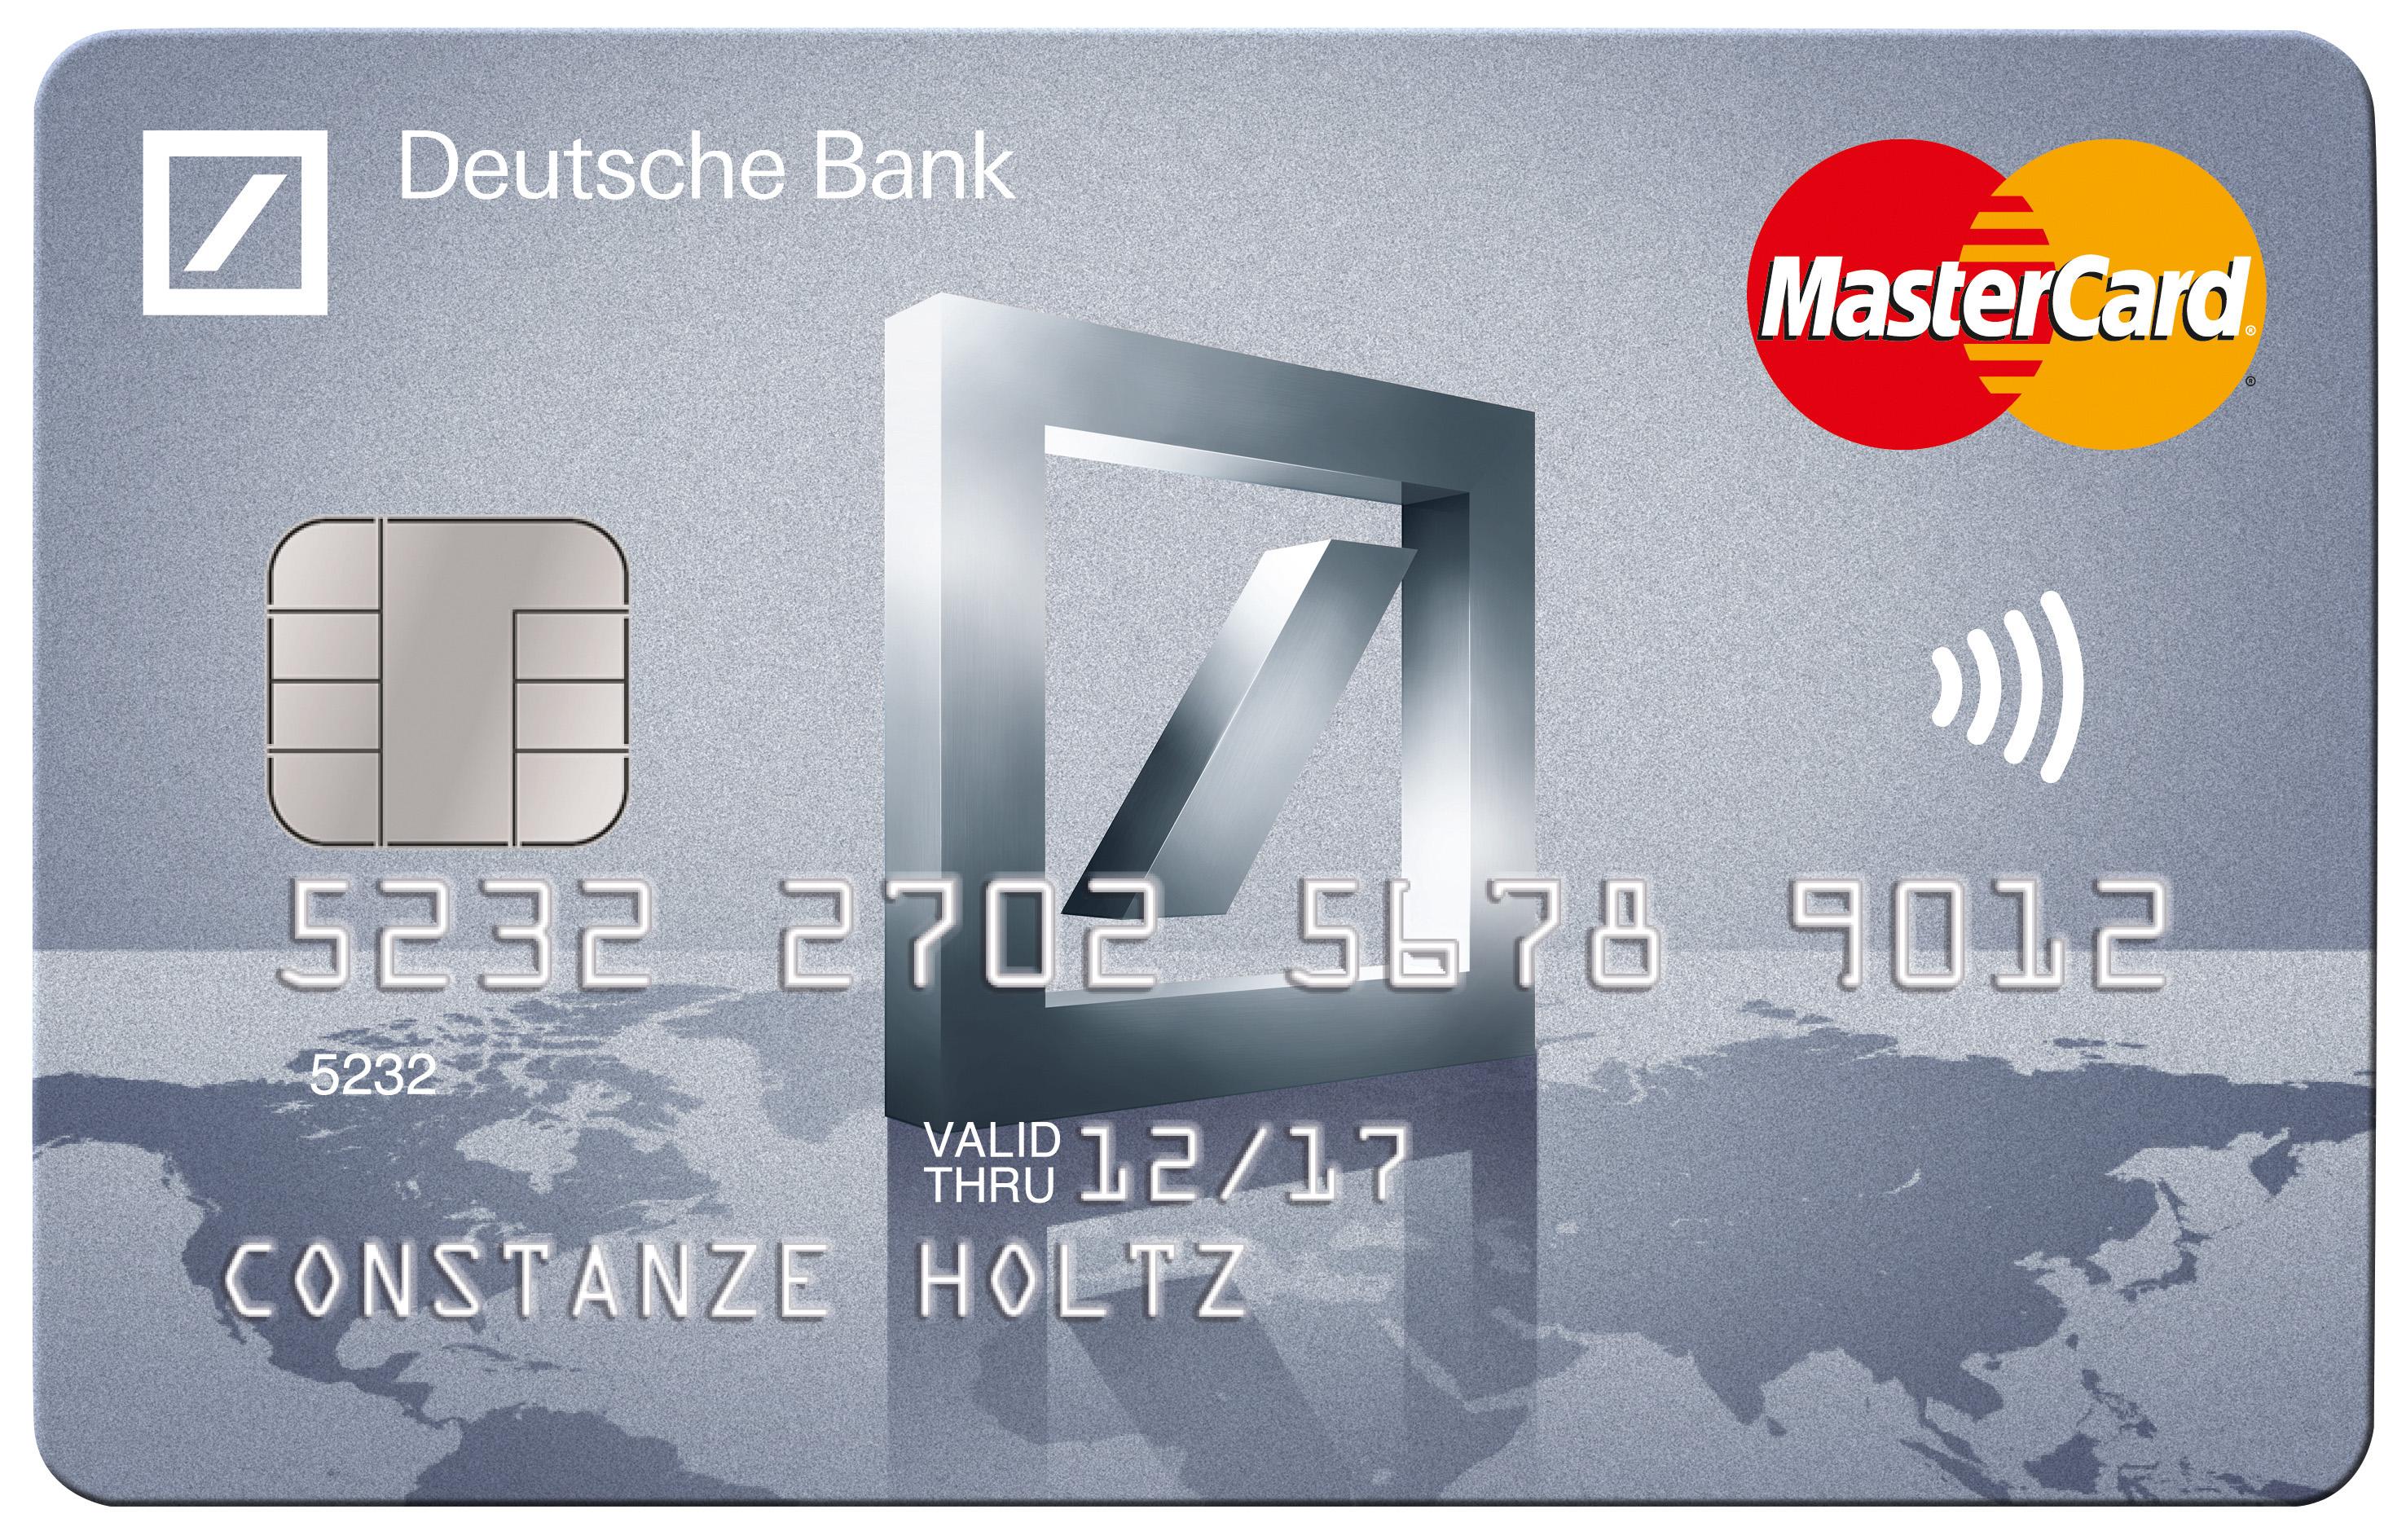 deutsche bank mit neuer kreditkarte speziell f r reise und urlaub deutsche bank presseportal. Black Bedroom Furniture Sets. Home Design Ideas